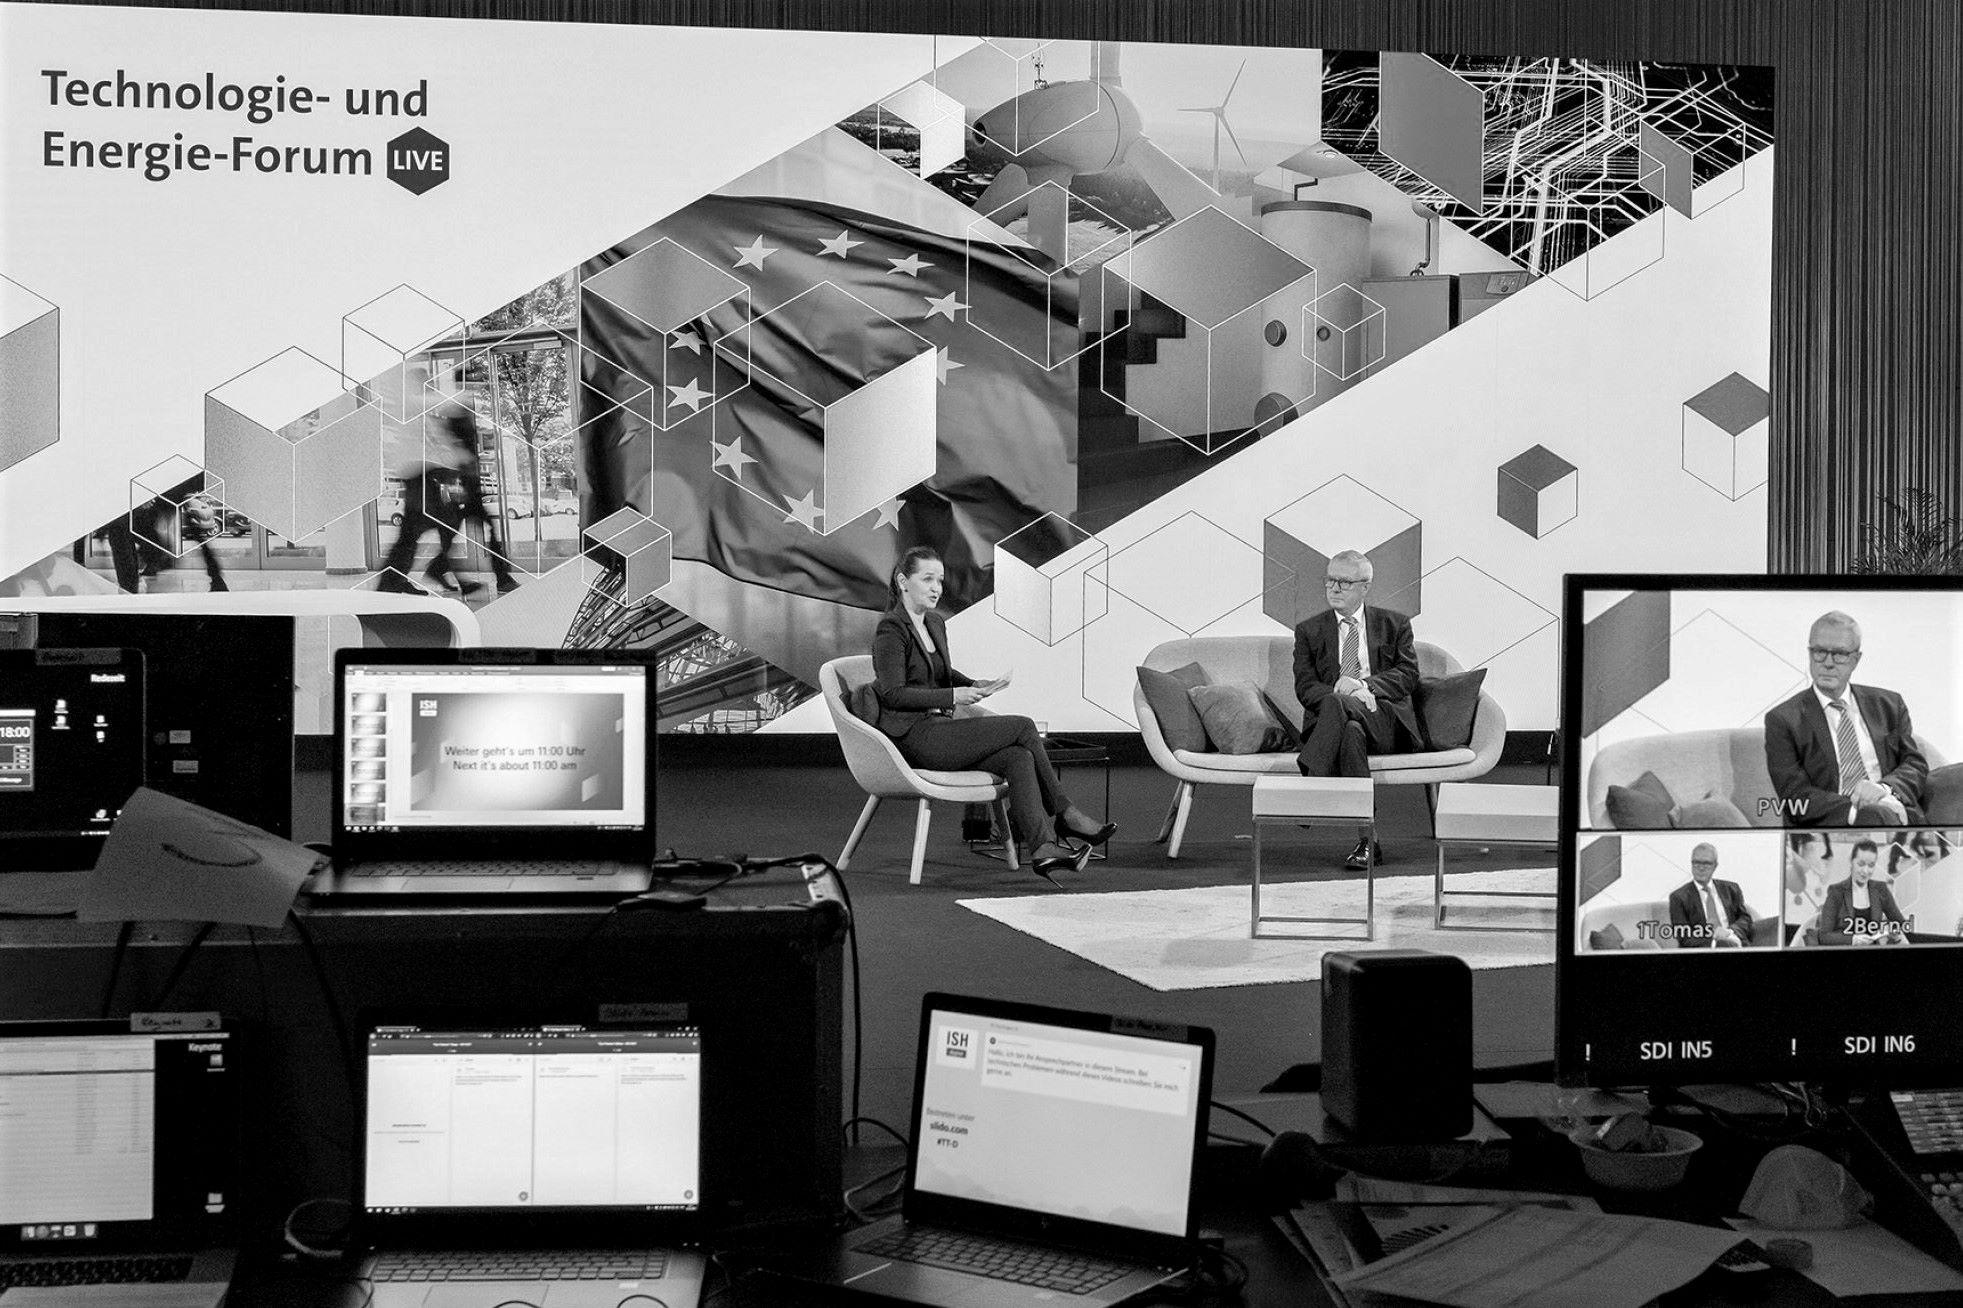 ISH digital 2021; Technologie- und Energie Forum